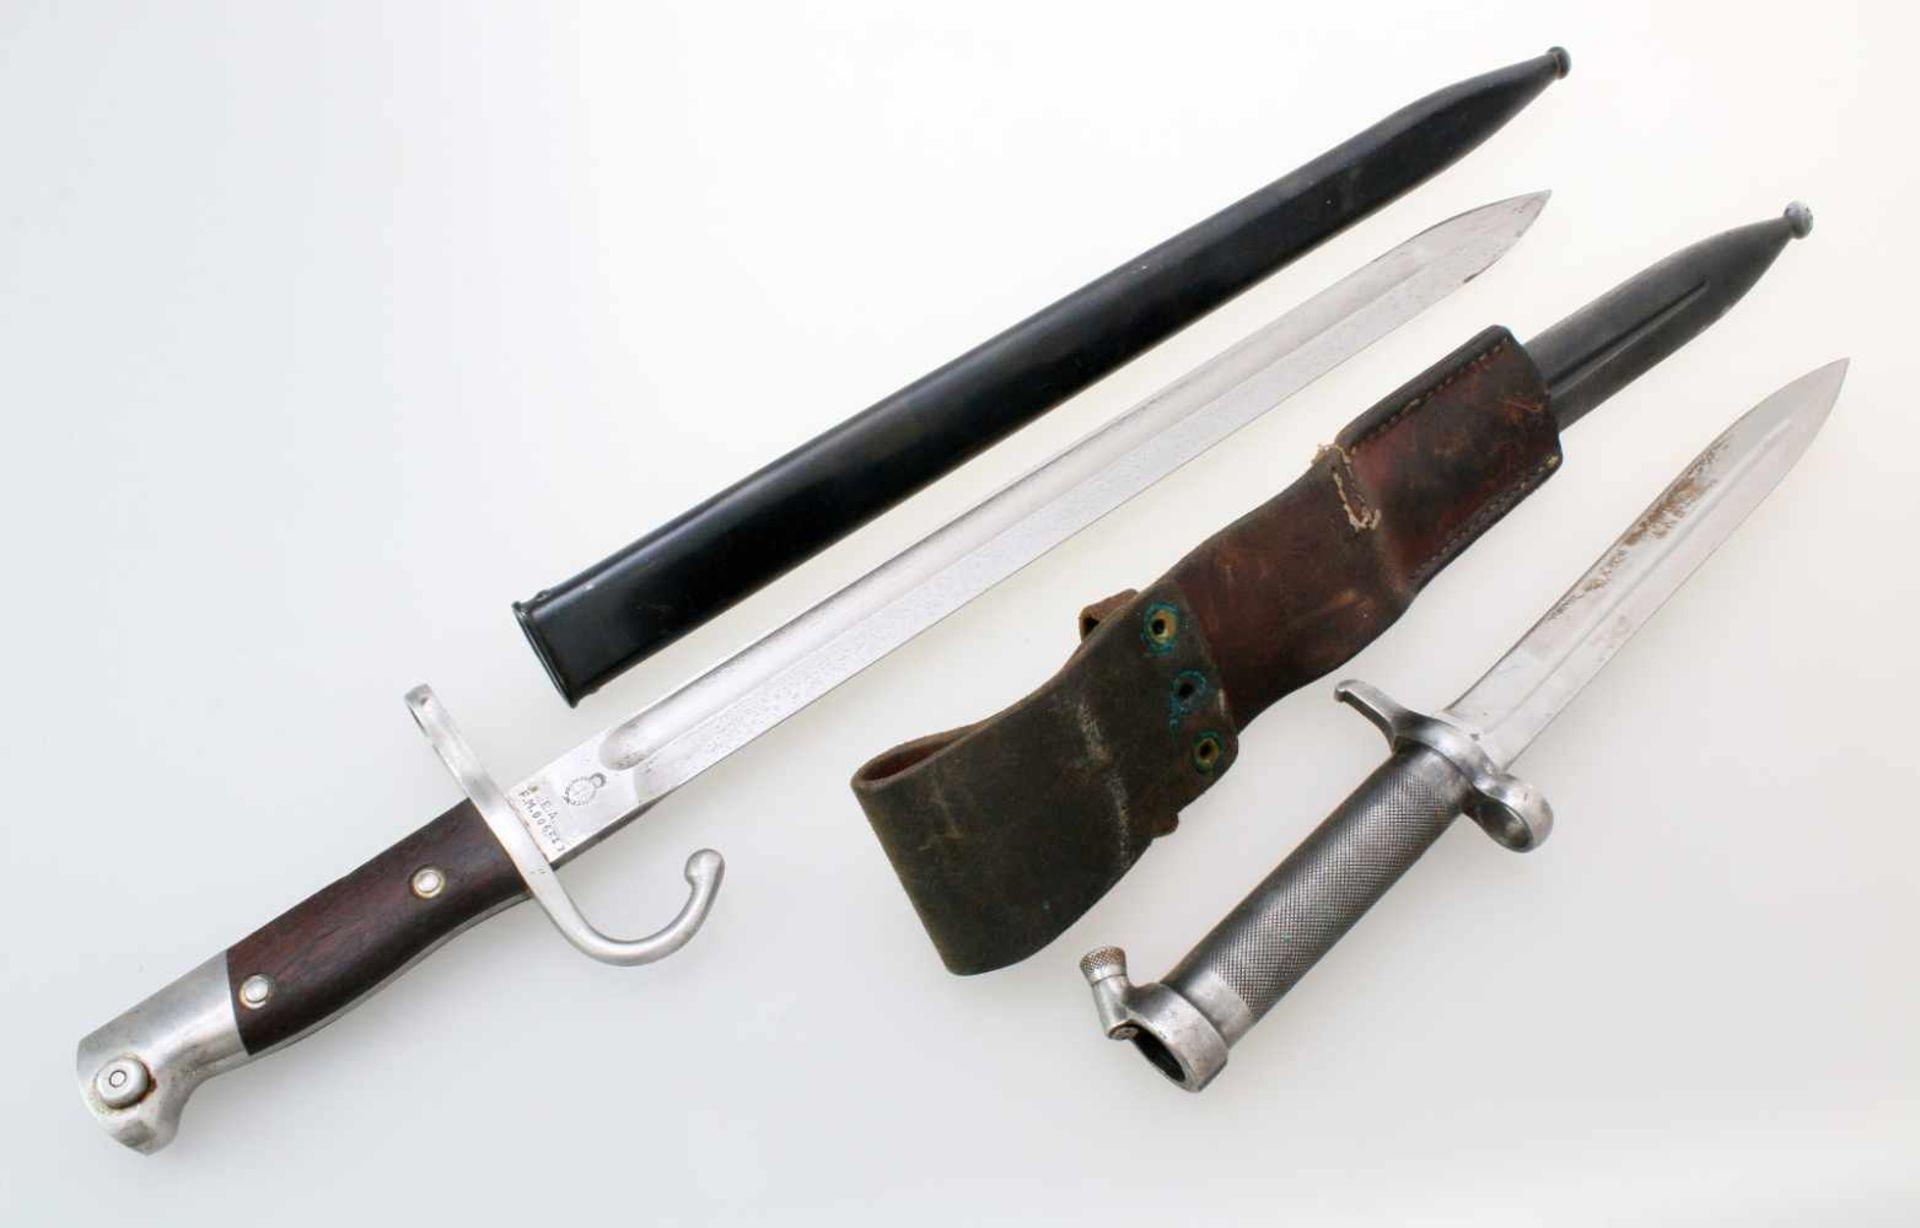 Schweden / Argentinien - 2 Bajonette1x Argentinien Bajonett M1909. Gekehlte Rückenklinge, - Bild 2 aus 4